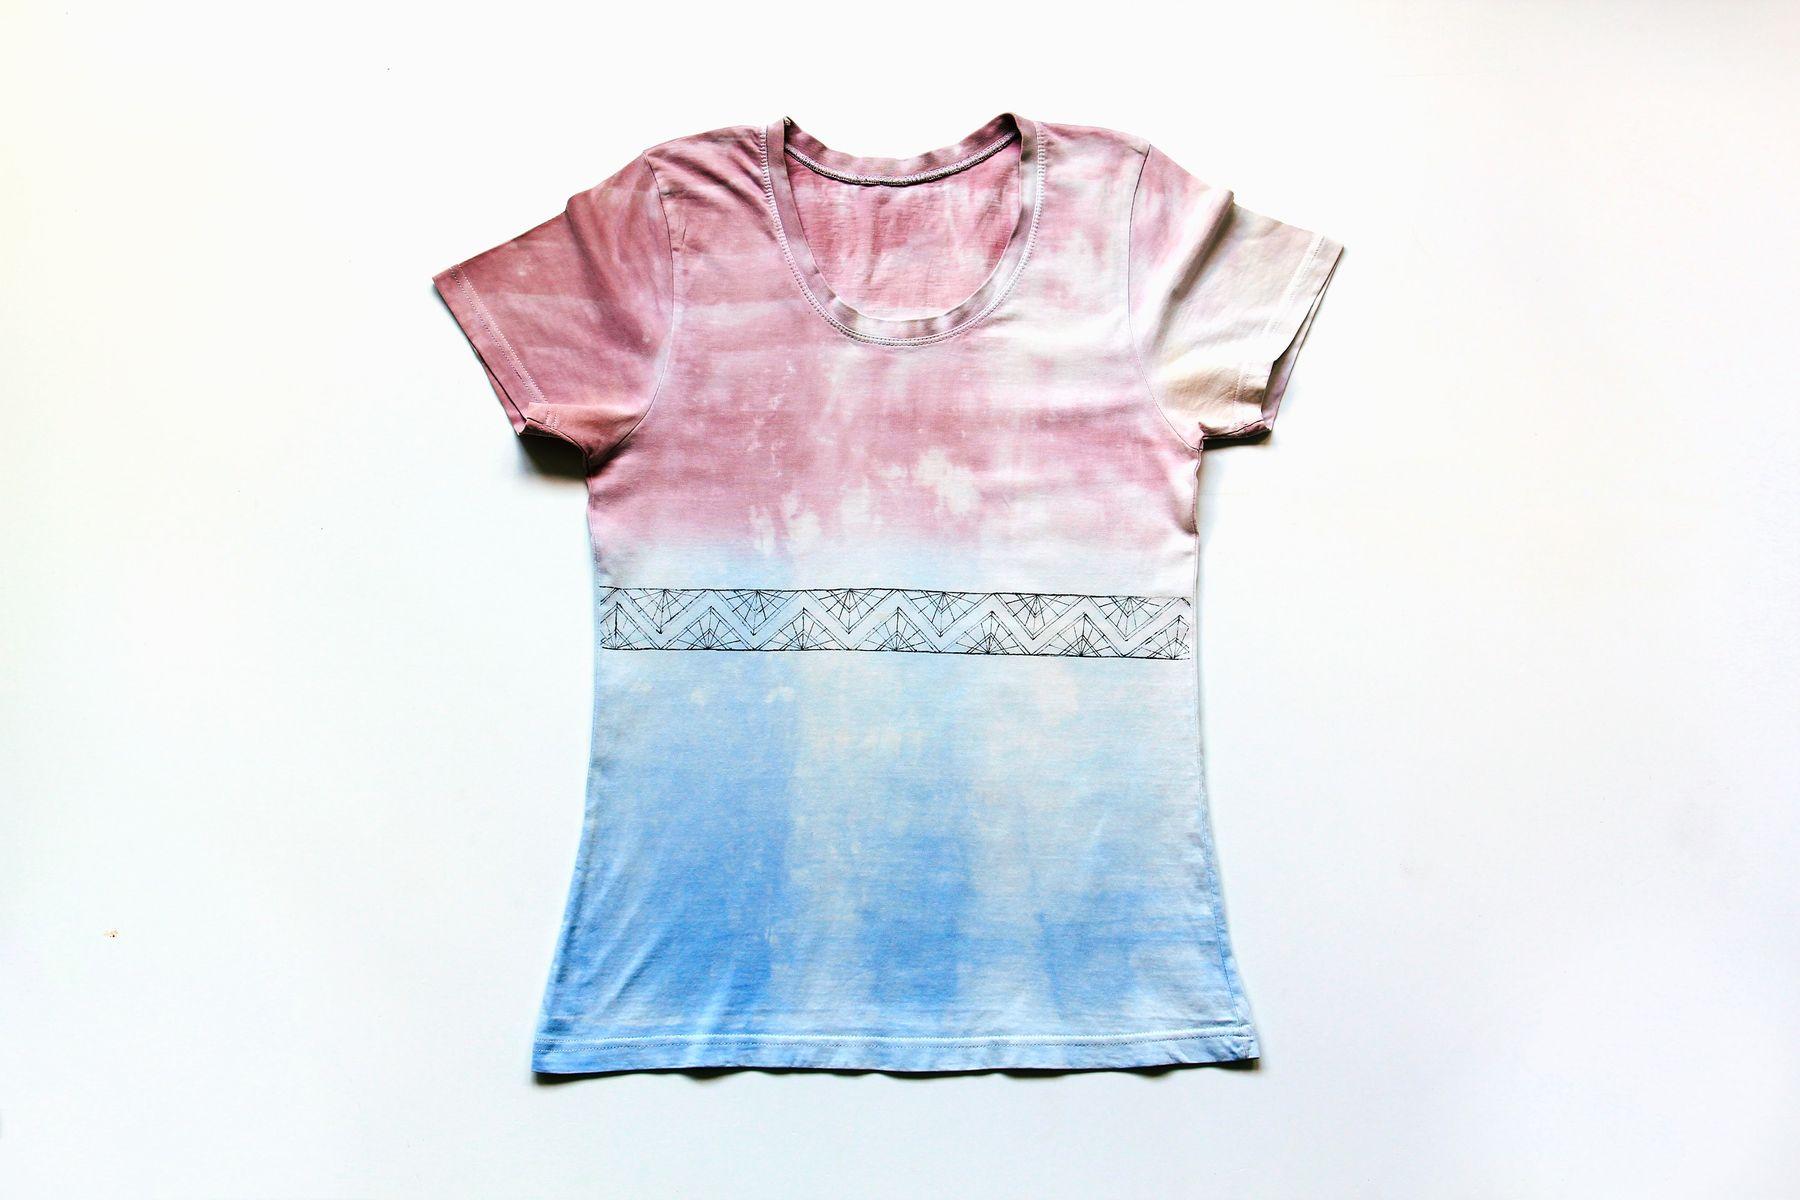 Çamaşır suyu lekesi olmuş giysilerinizi daha fazla çamaşır suyu kullanarak renklendirebilir ve yaratıcılığınızı gösterebilirsiniz.